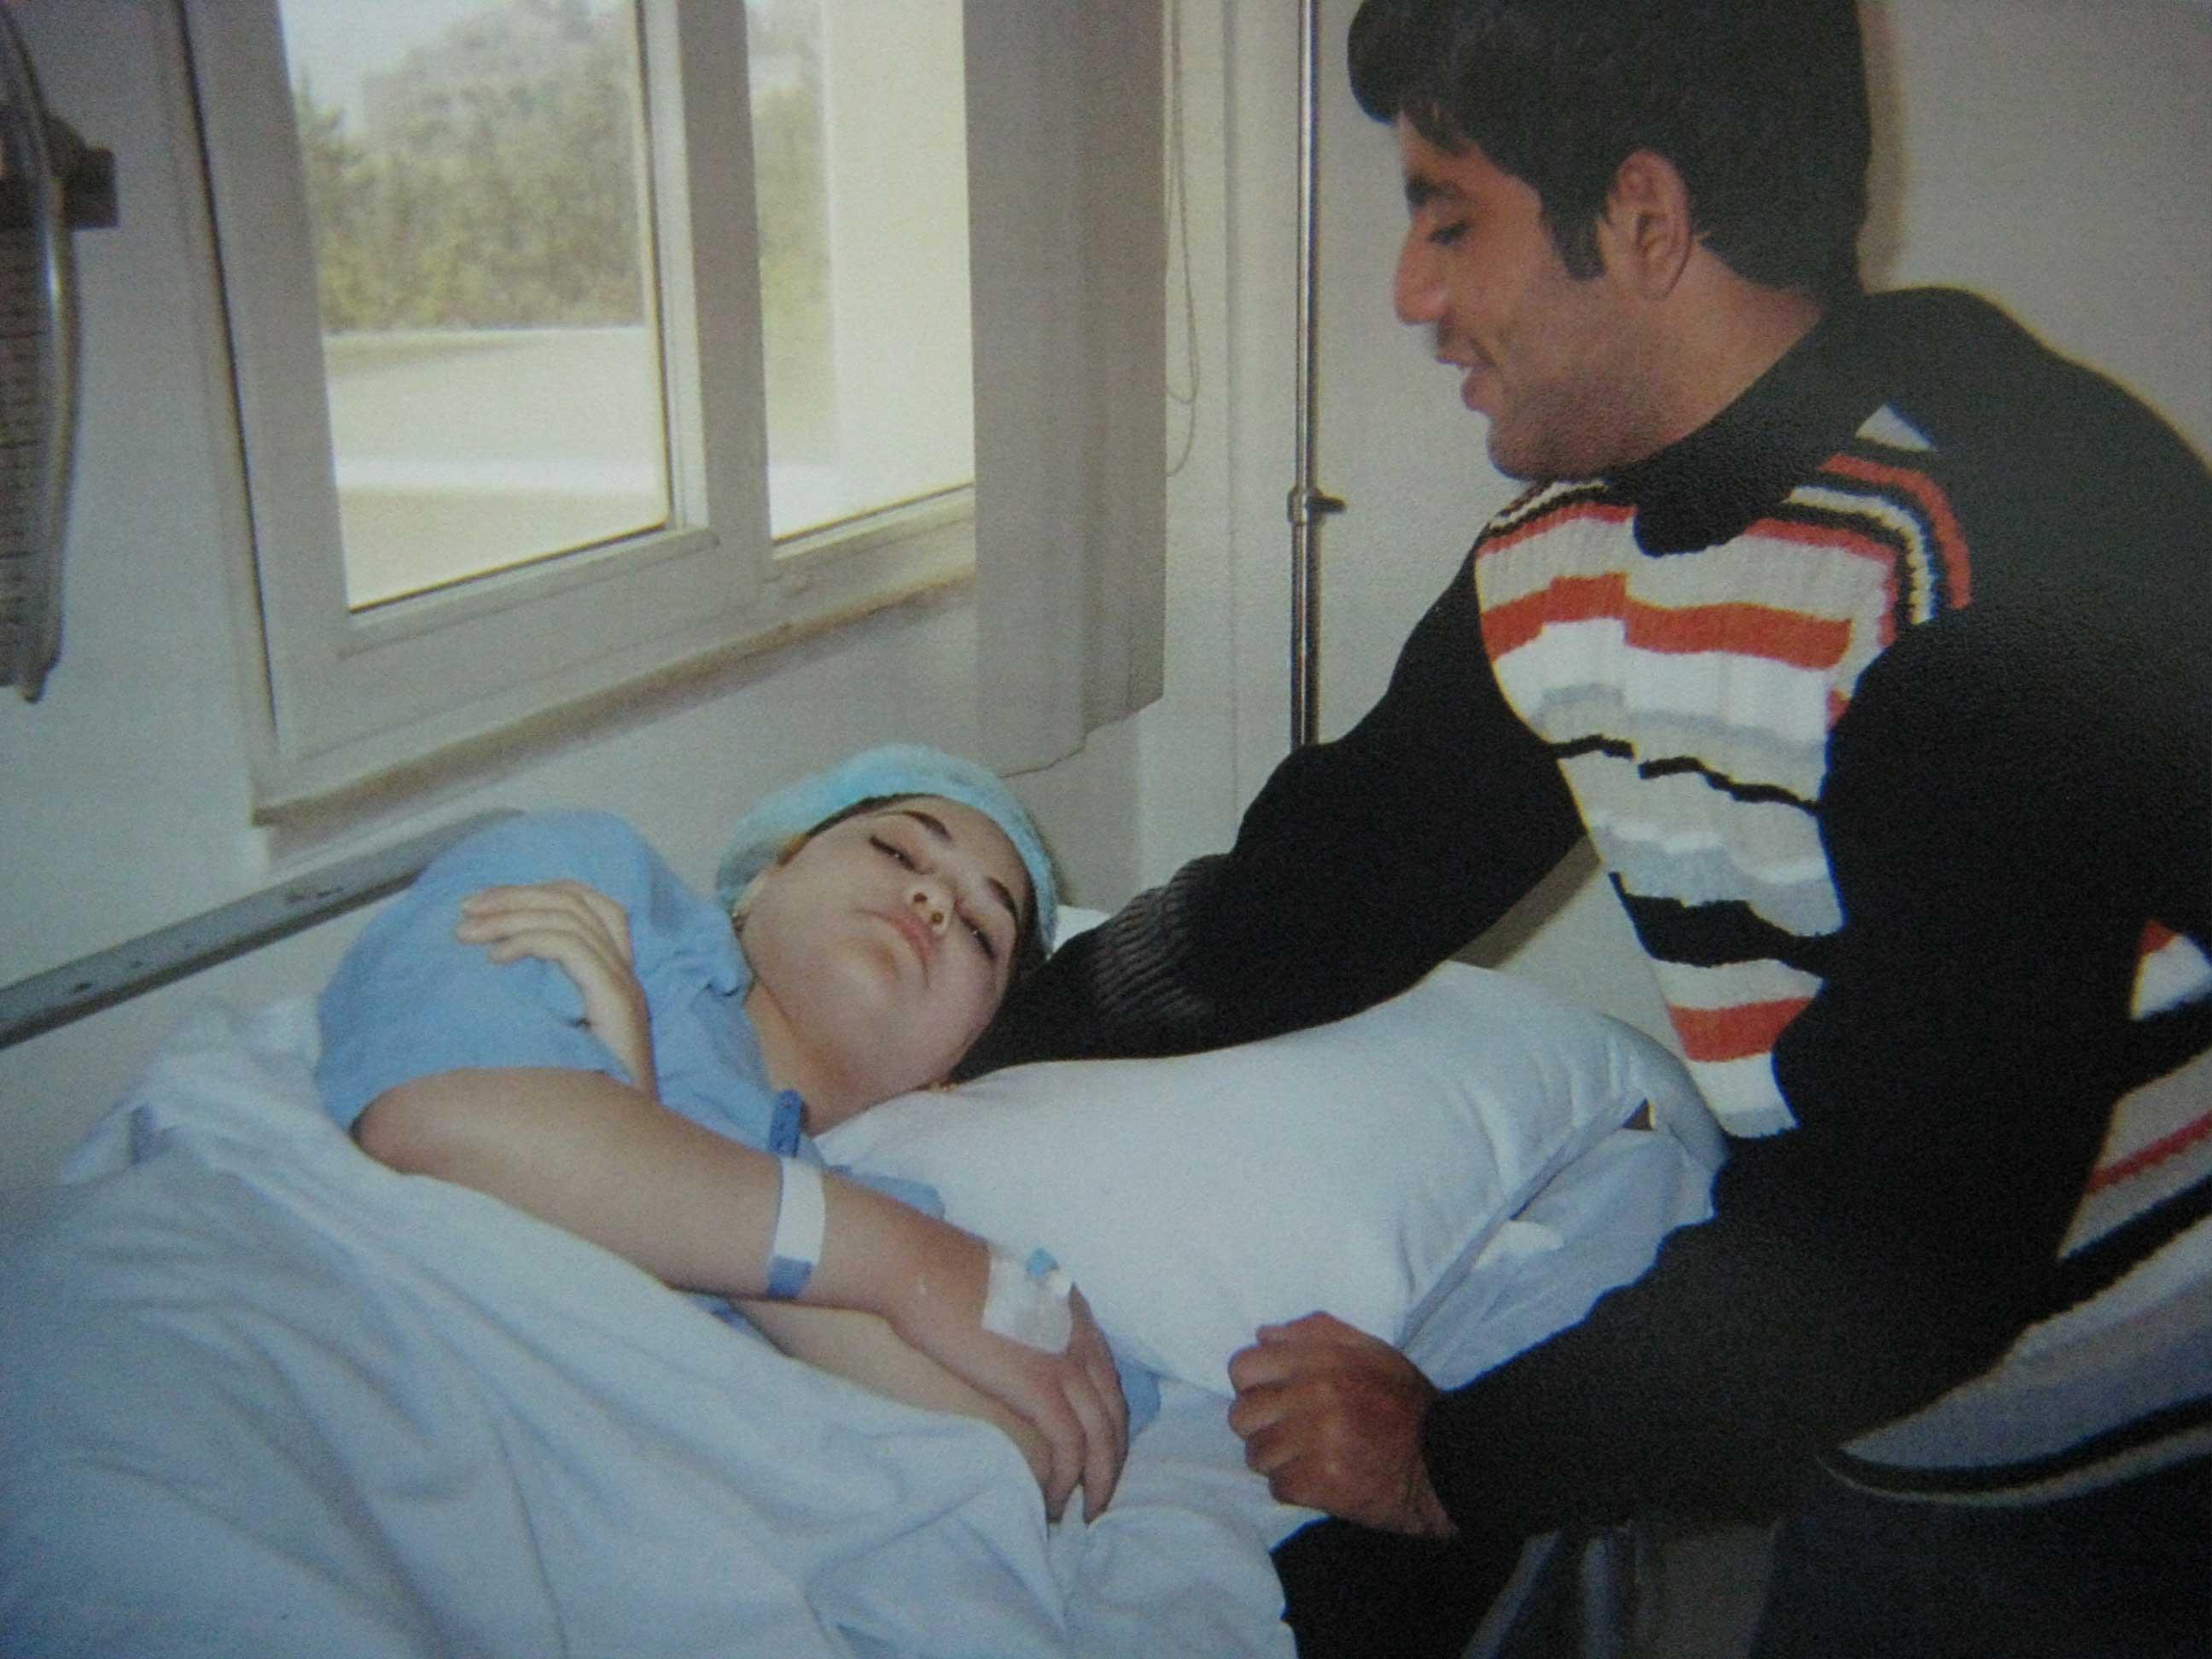 アリーとラーラ・・・病気と闘うイラク人夫婦_f0155297_21435914.jpg